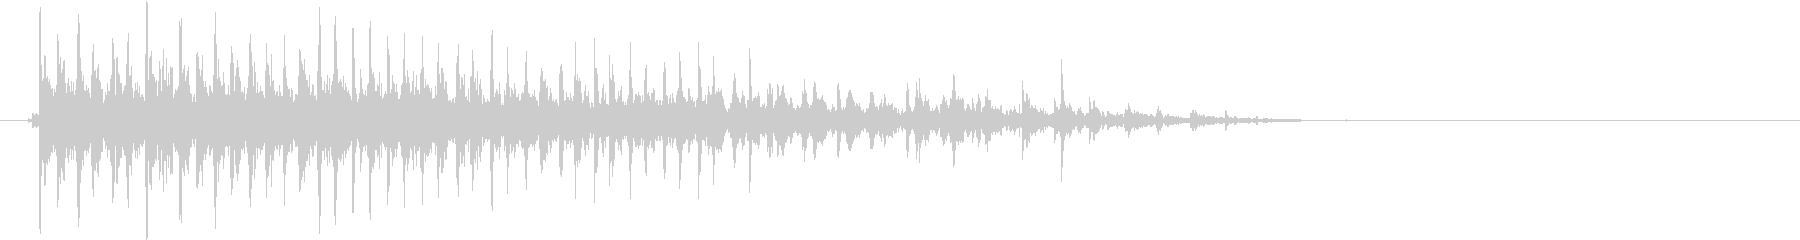 カーッ(ビブラスラップ、与作)の未再生の波形